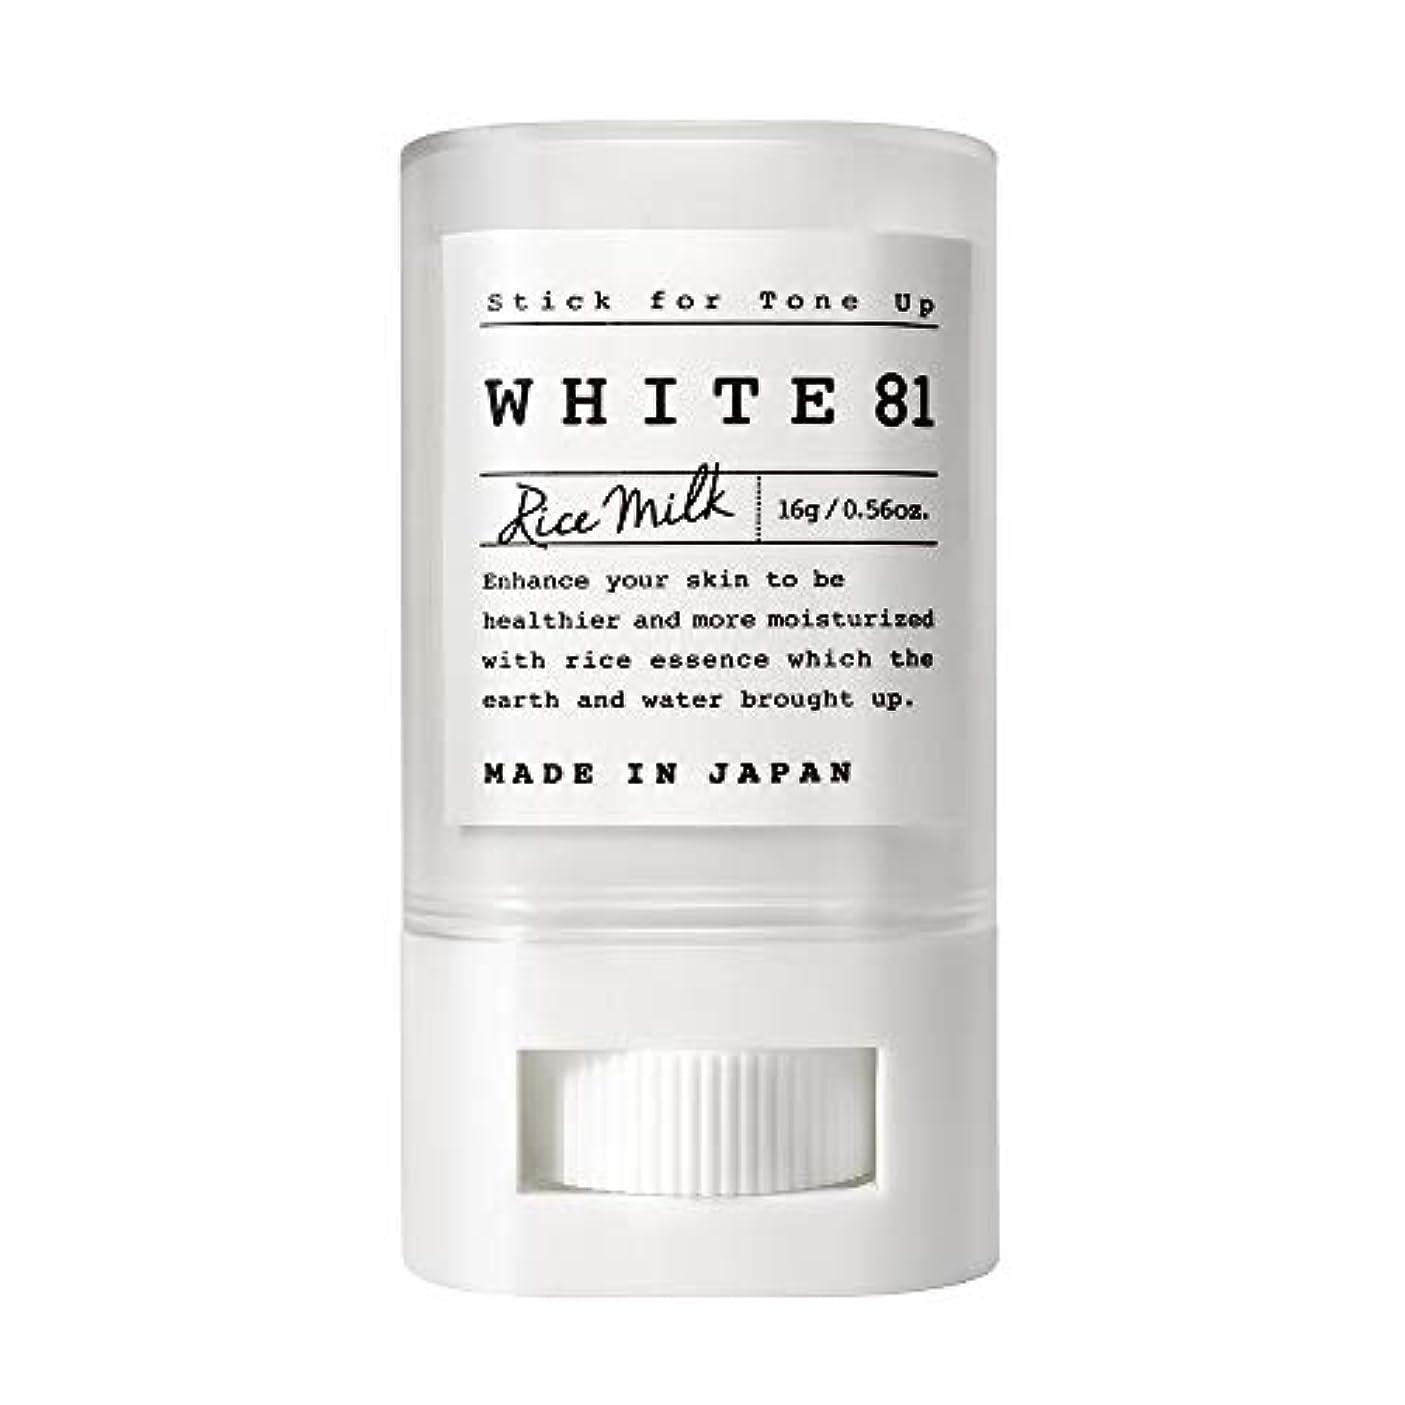 豪華な皮肉な可動式WHITE81 ホワイト81 トーンアップスティック(化粧下地?日焼け止め / SPF35?PA+++?ウォータープルーフ?複合保湿成分配合?肌に優しい6種のフリー / 日本製)